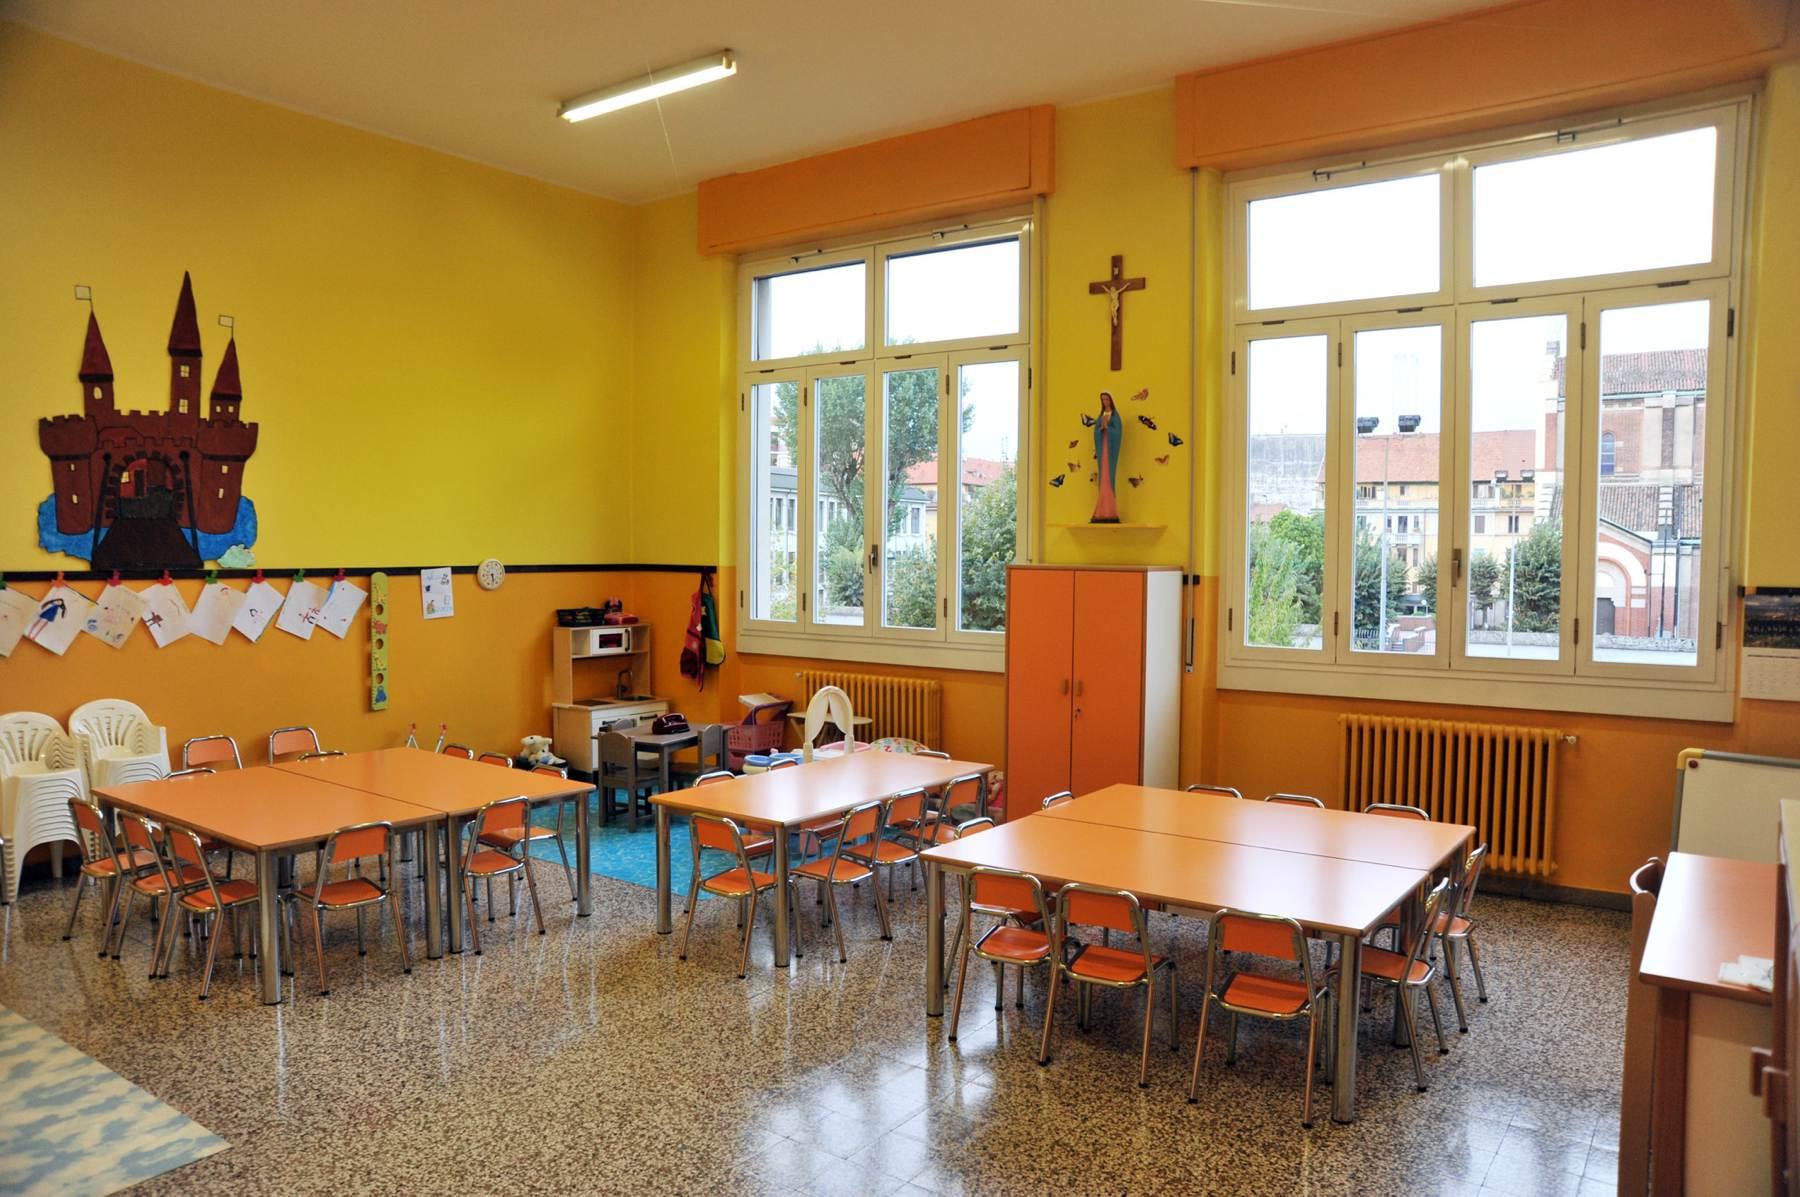 Scuola dell 39 infanzia for Addobbi aula scuola infanzia